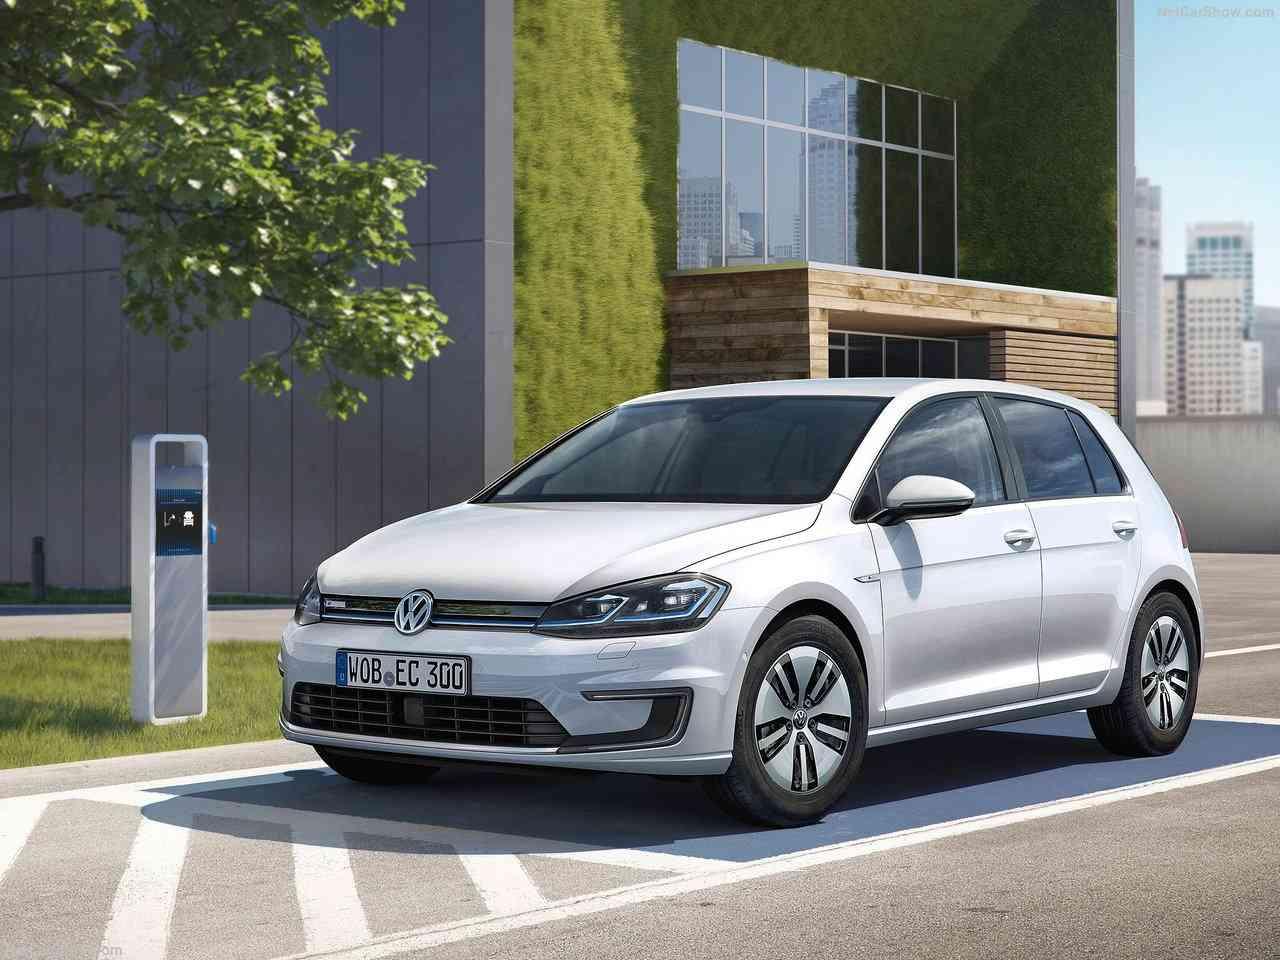 Reparo do Gol dura em torno de 30 minutos para ser concluído  - Volkswagen / Divulgação